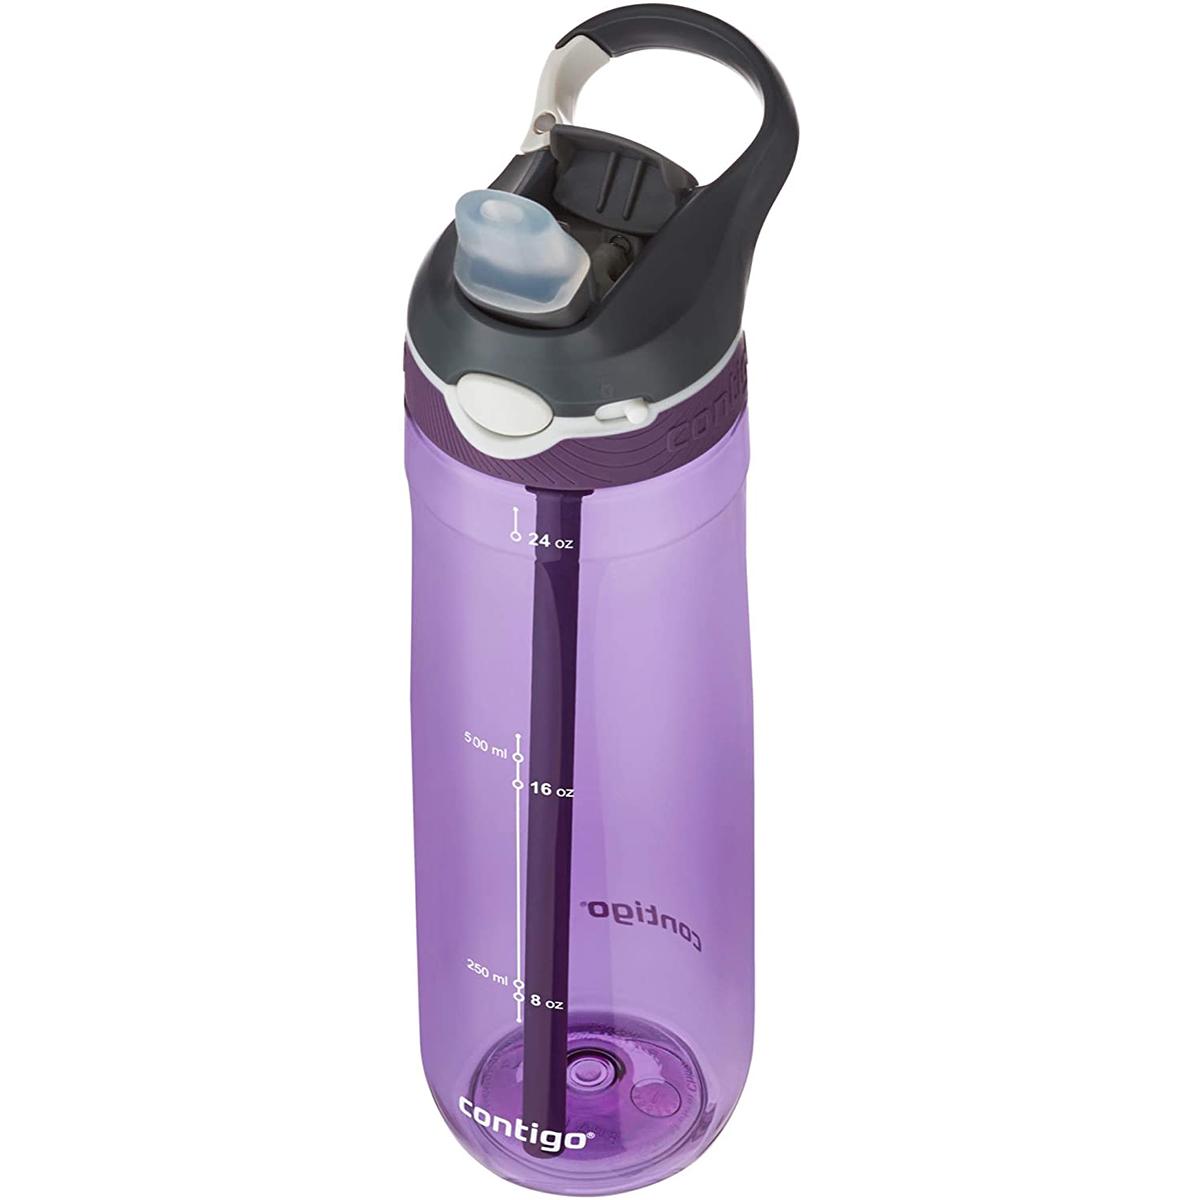 Contigo-24-oz-Ashland-AutoSpout-Straw-Water-Bottle miniatuur 8